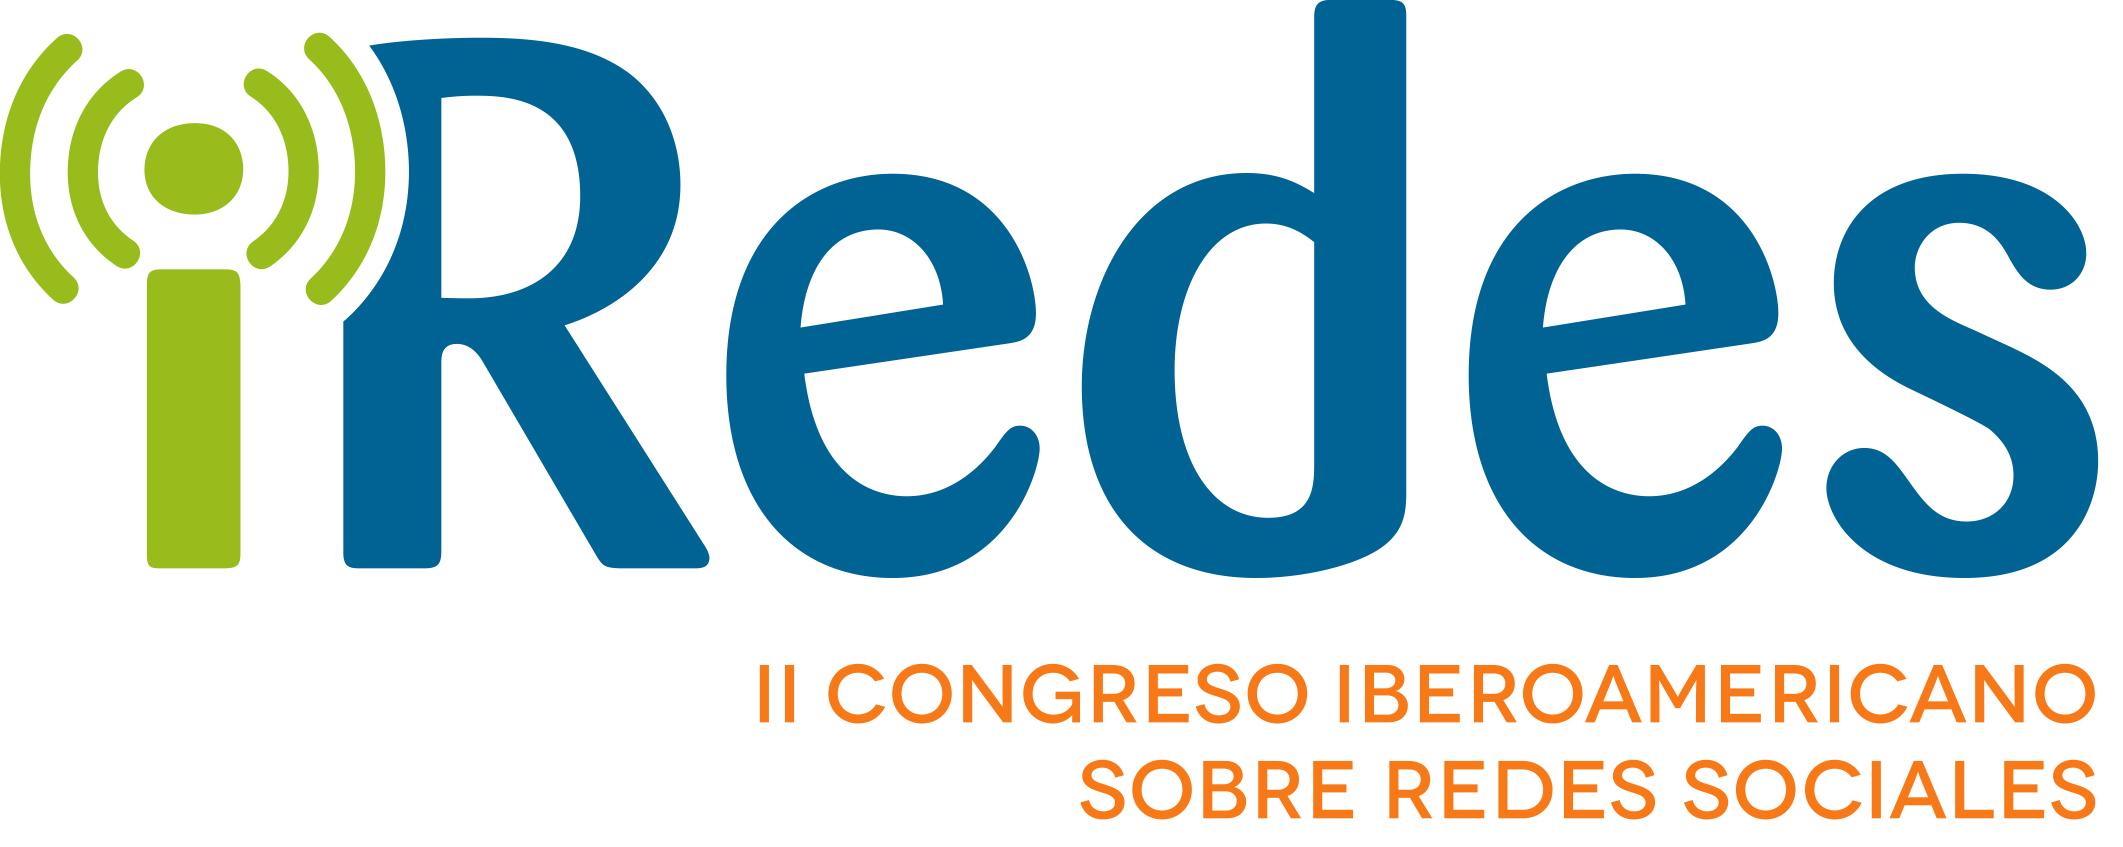 iRedes - Congreso Iberoamericano sobre Redes Sociales